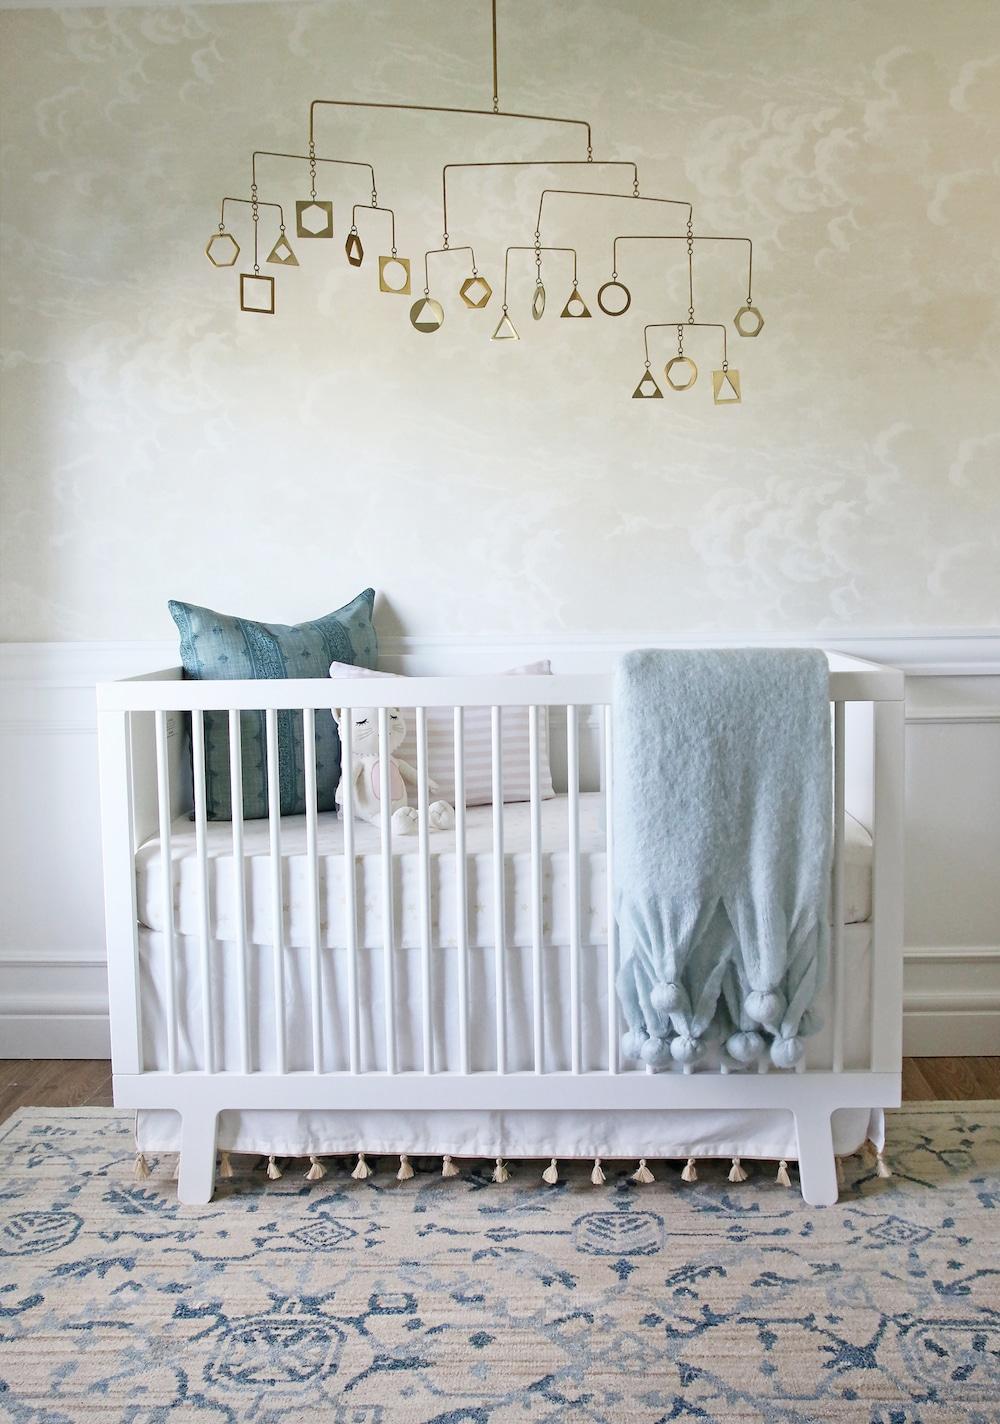 Polly's Nursery